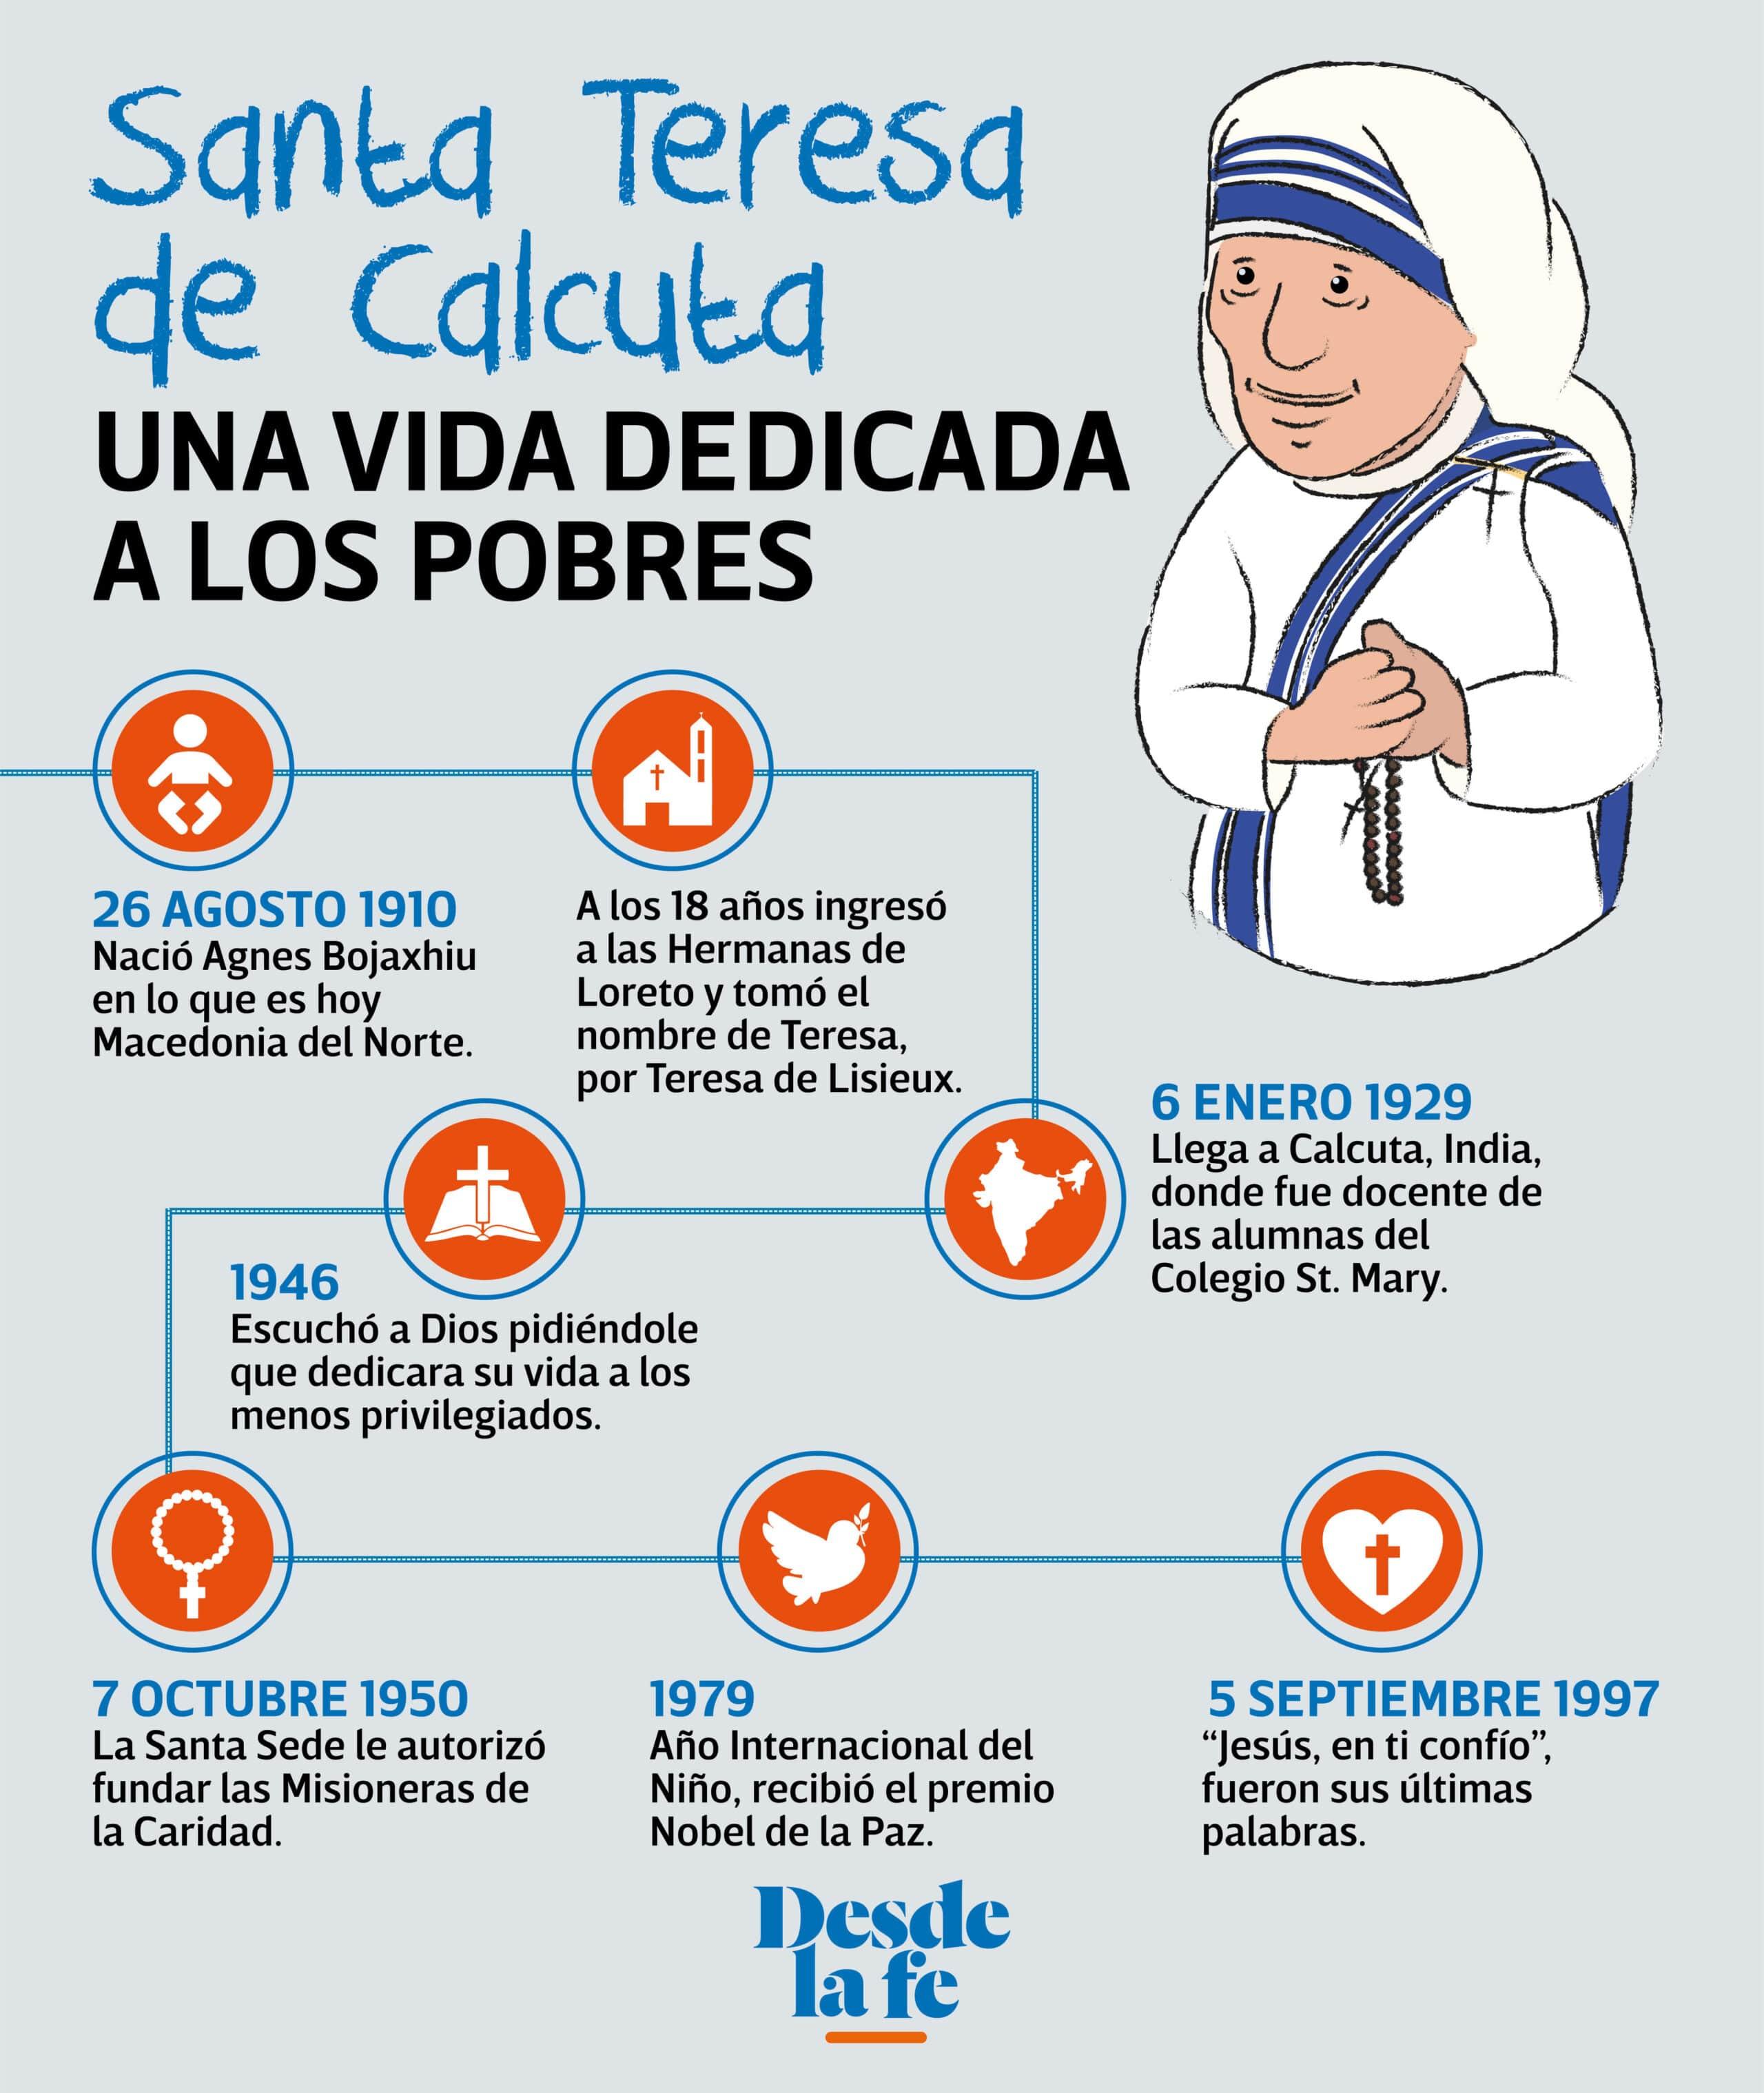 Vida y obra de la Madre Teresa de Calcuta.